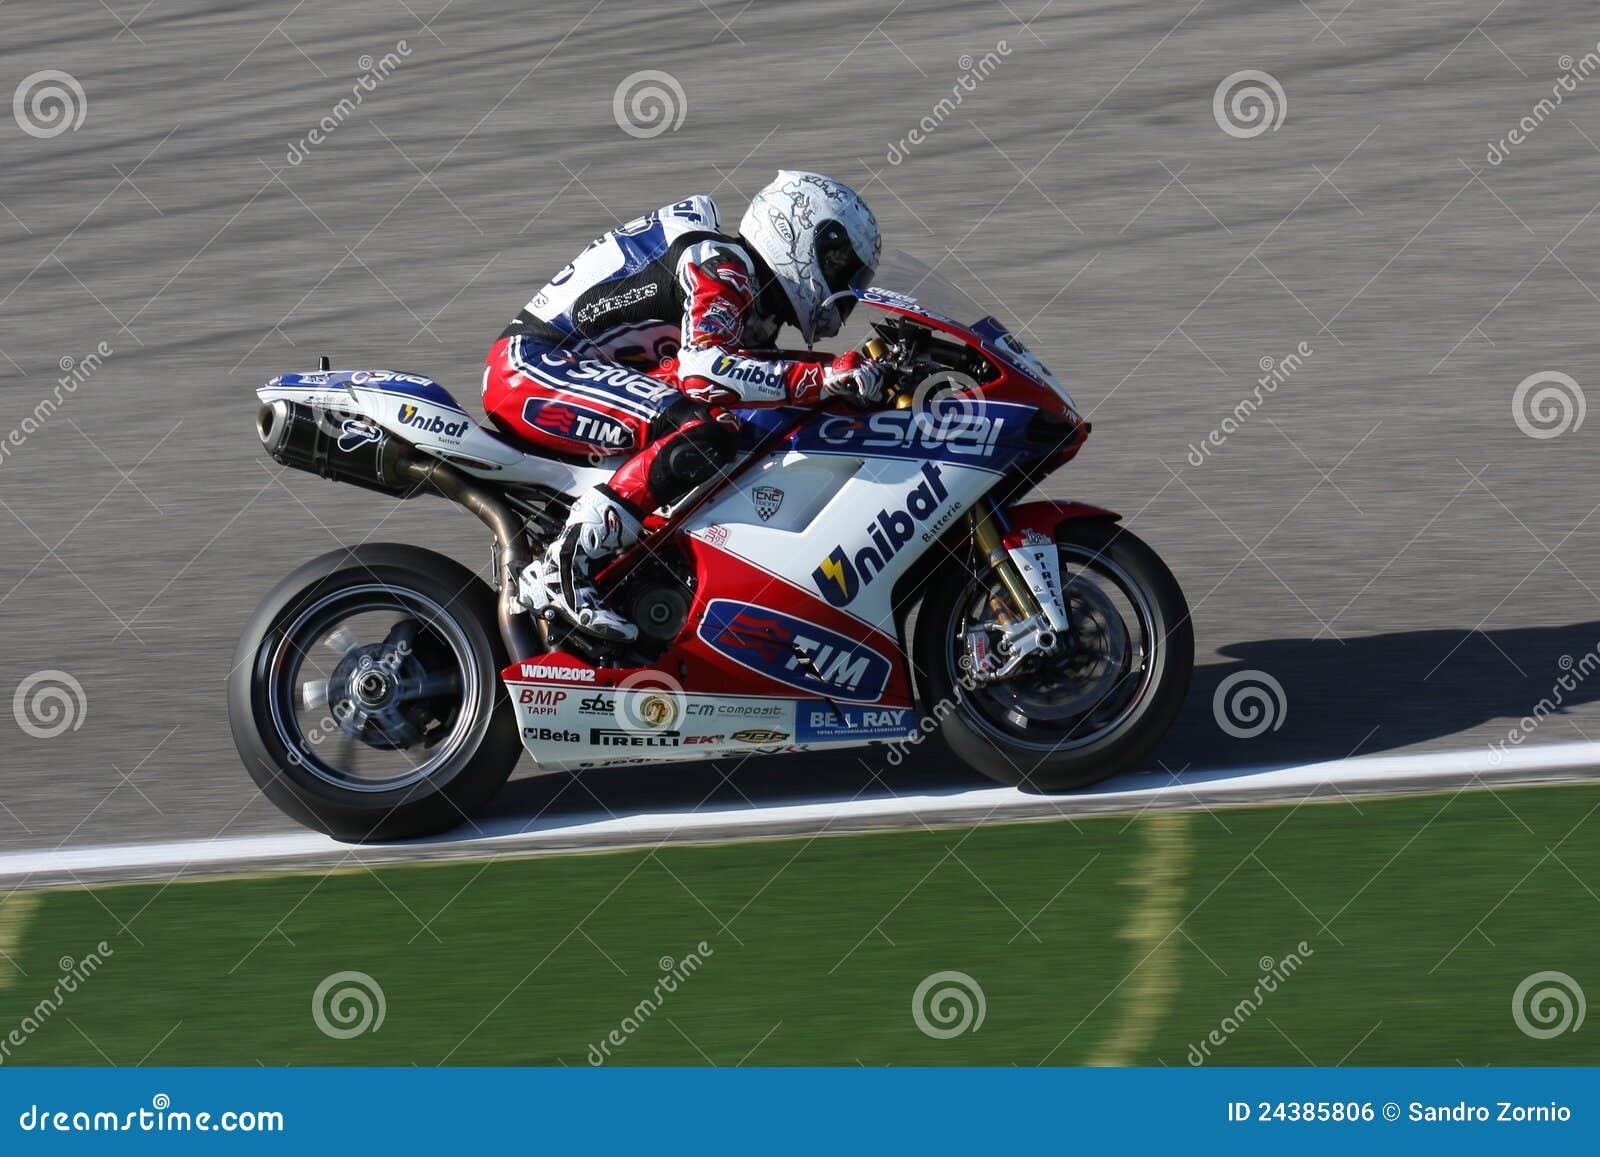 Carlos Checa - Ducati 1098R - Althea Racing